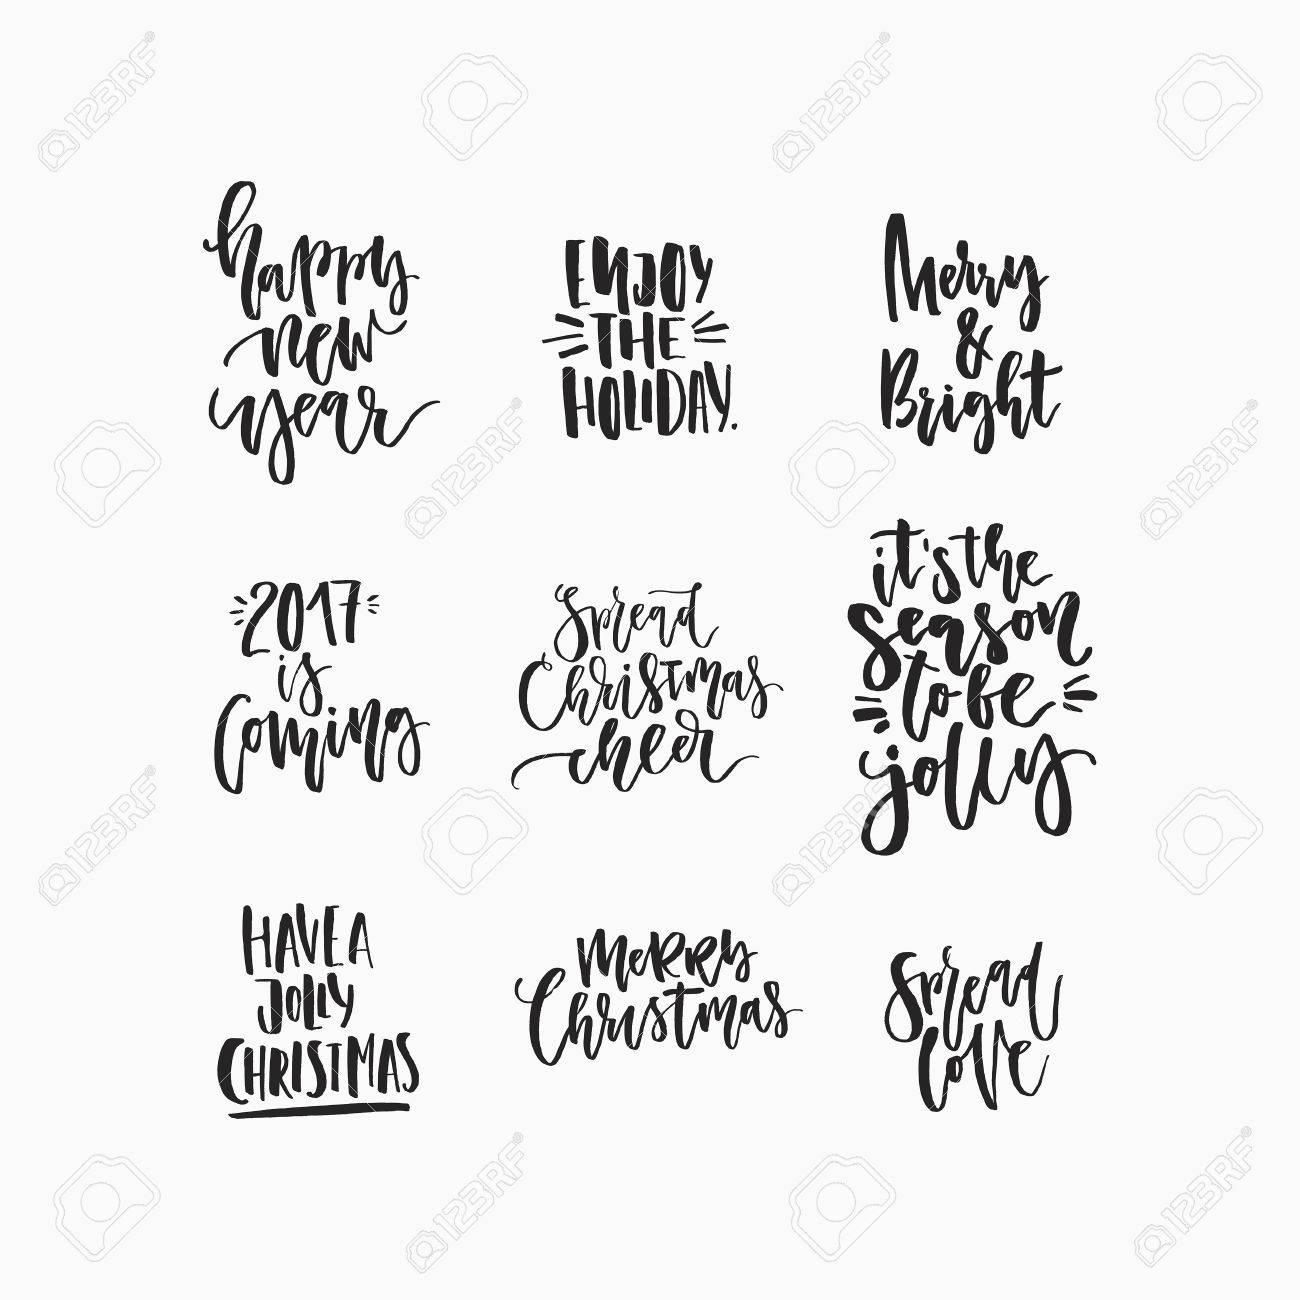 Immagini Natalizie Per Biglietti Di Auguri.Meravigliosi Auguri Di Natale Scritti A Mano Per Fantastici Biglietti Di Auguri Natalizi Lettering Disegnato A Mano Elementi Di Design Di Carta Di